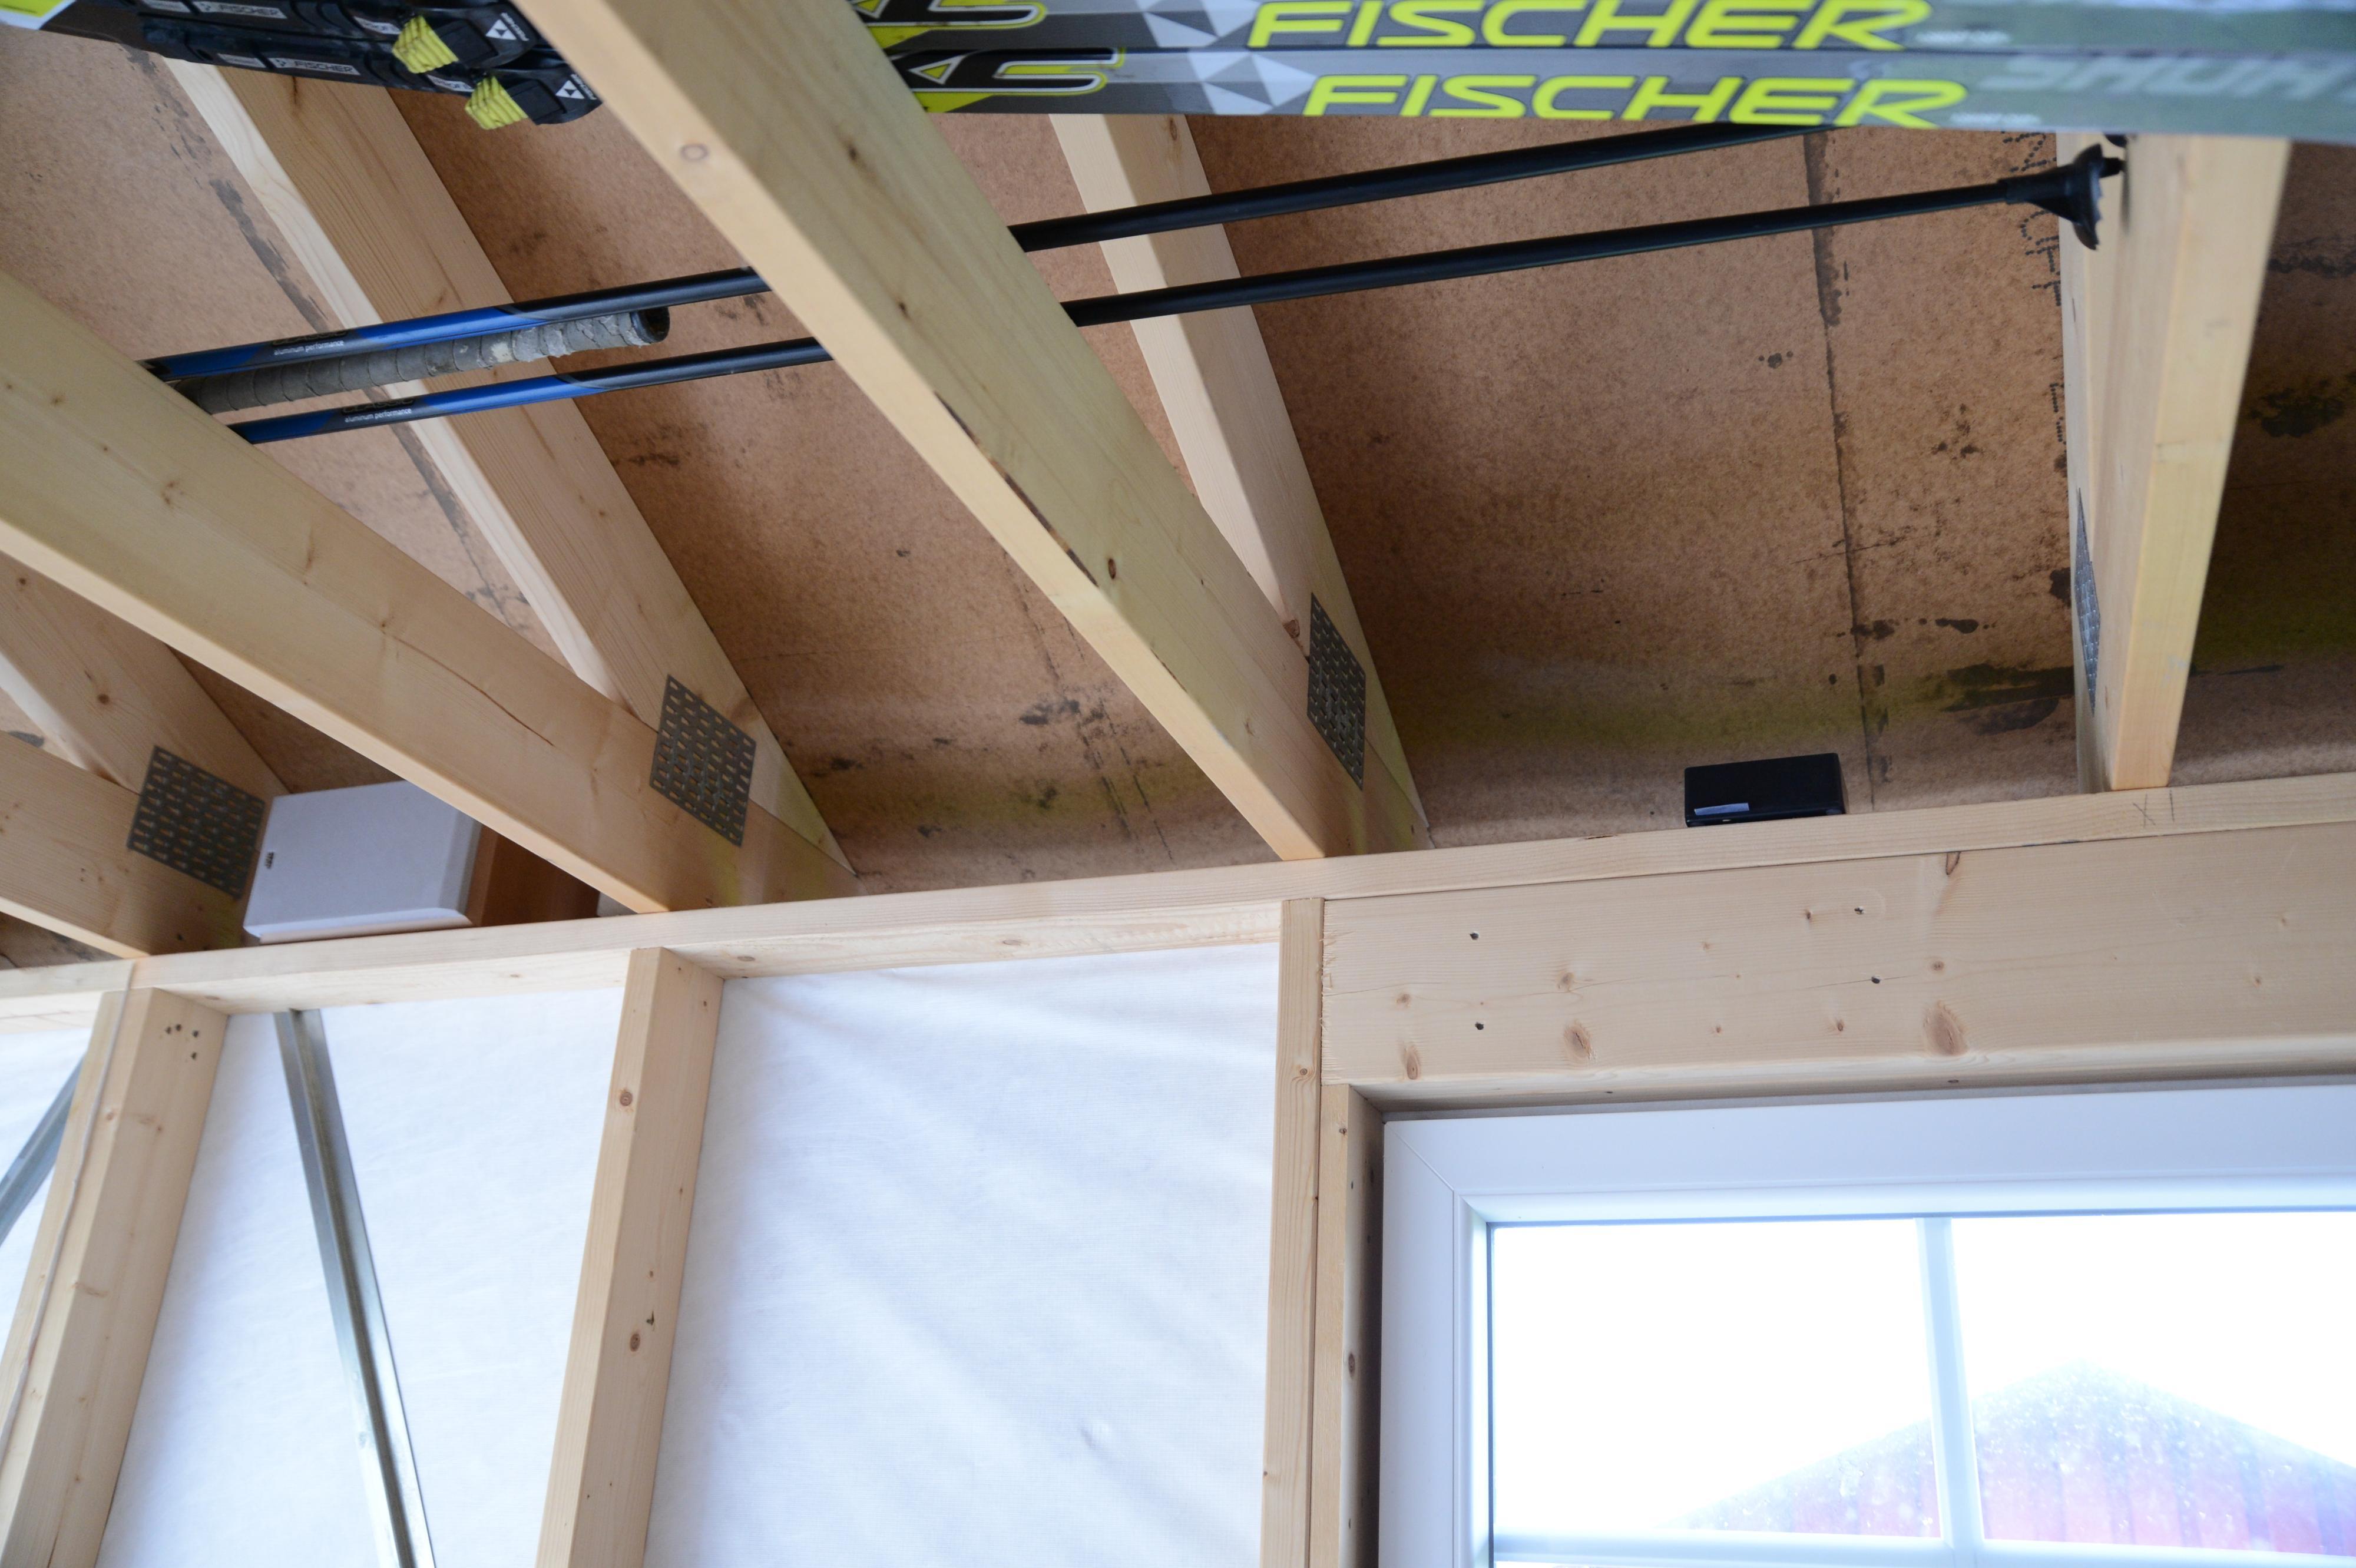 Vi plasserte høyttalerne og forsterkeren mellom takstolene i garasjen.